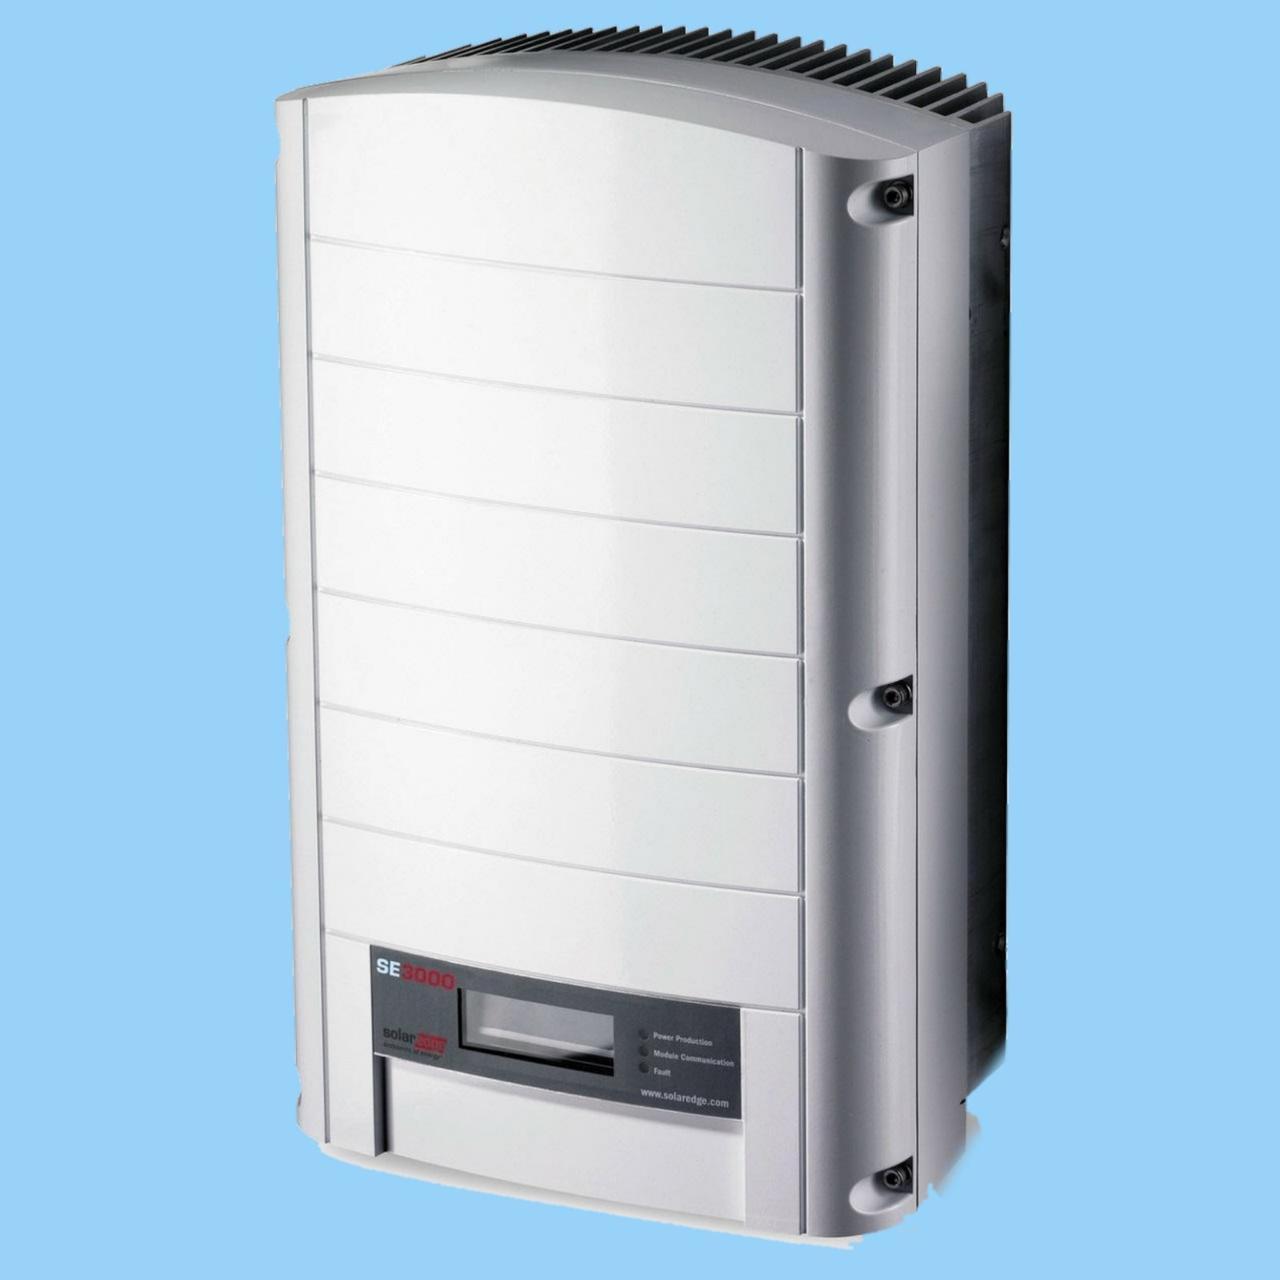 Мережевий інвертор ЅЕ15К SolarEdge (перетворювачі, зелений тариф, сонячна панель інвертори)